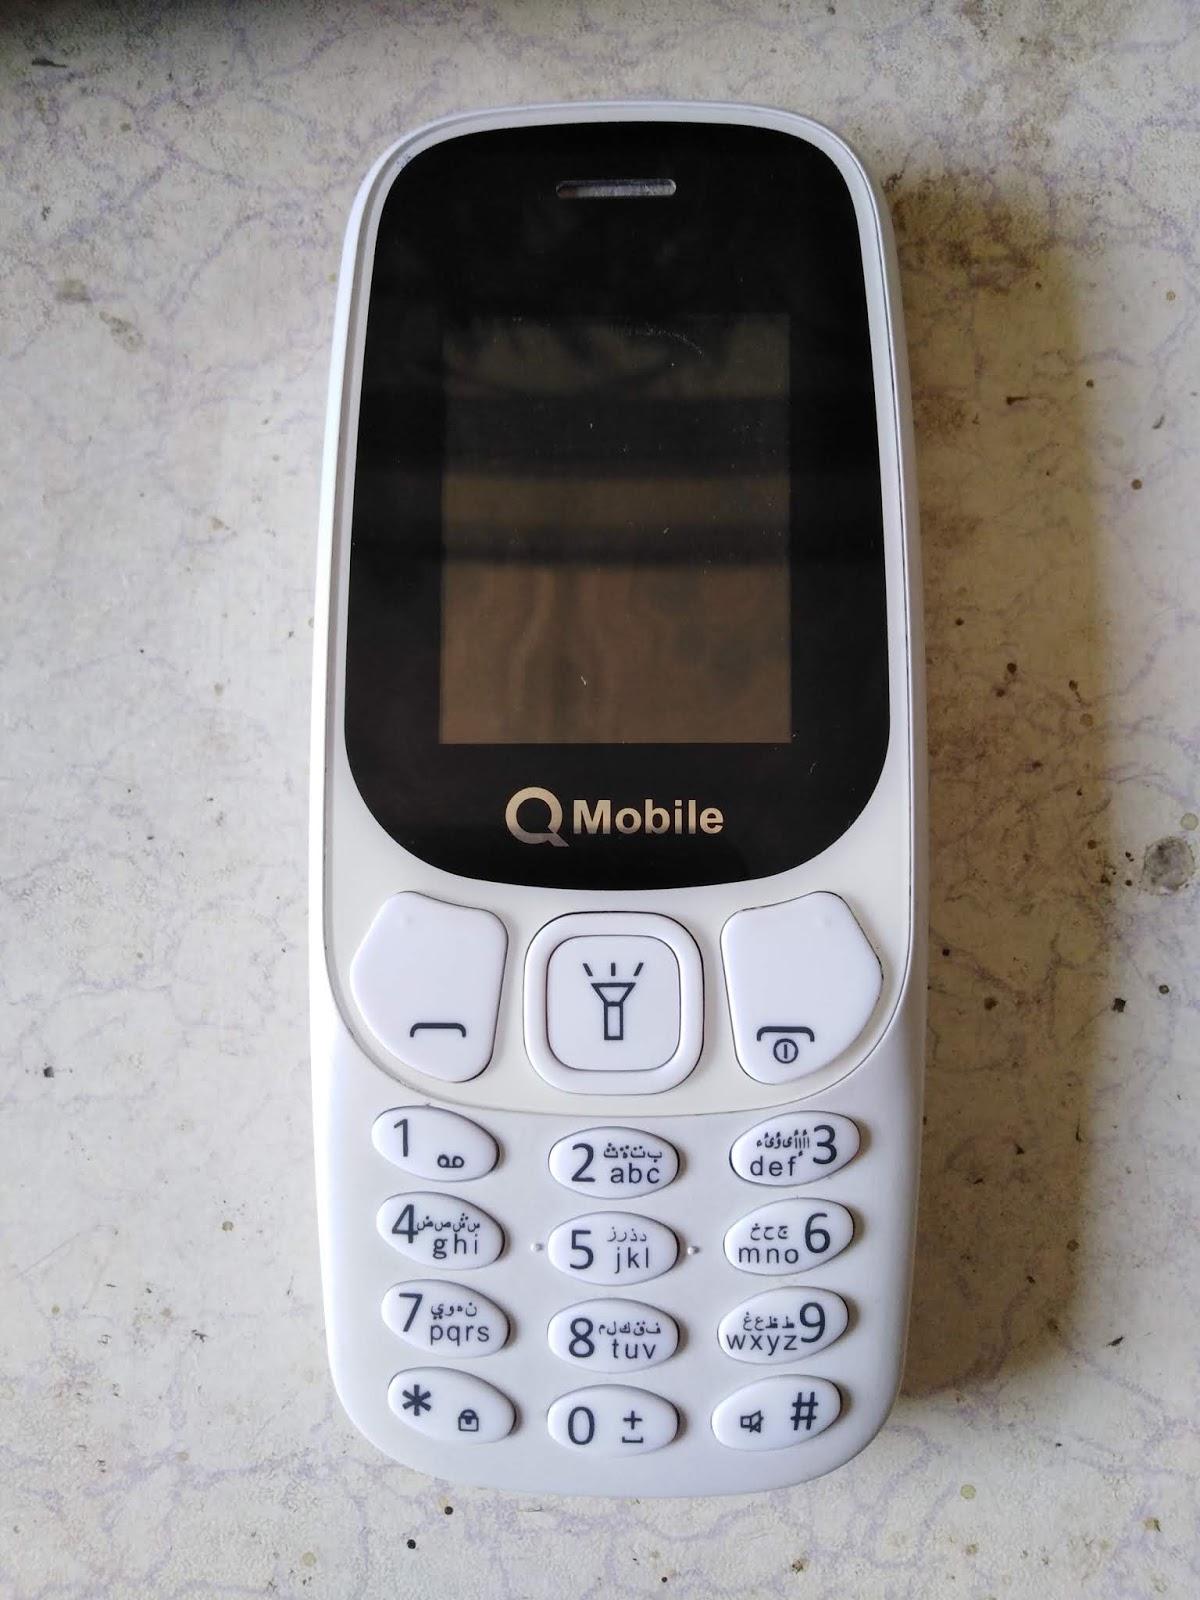 Qmobile 3310 Mini Spd 6531e Flash File CM2SCR Tool Readed